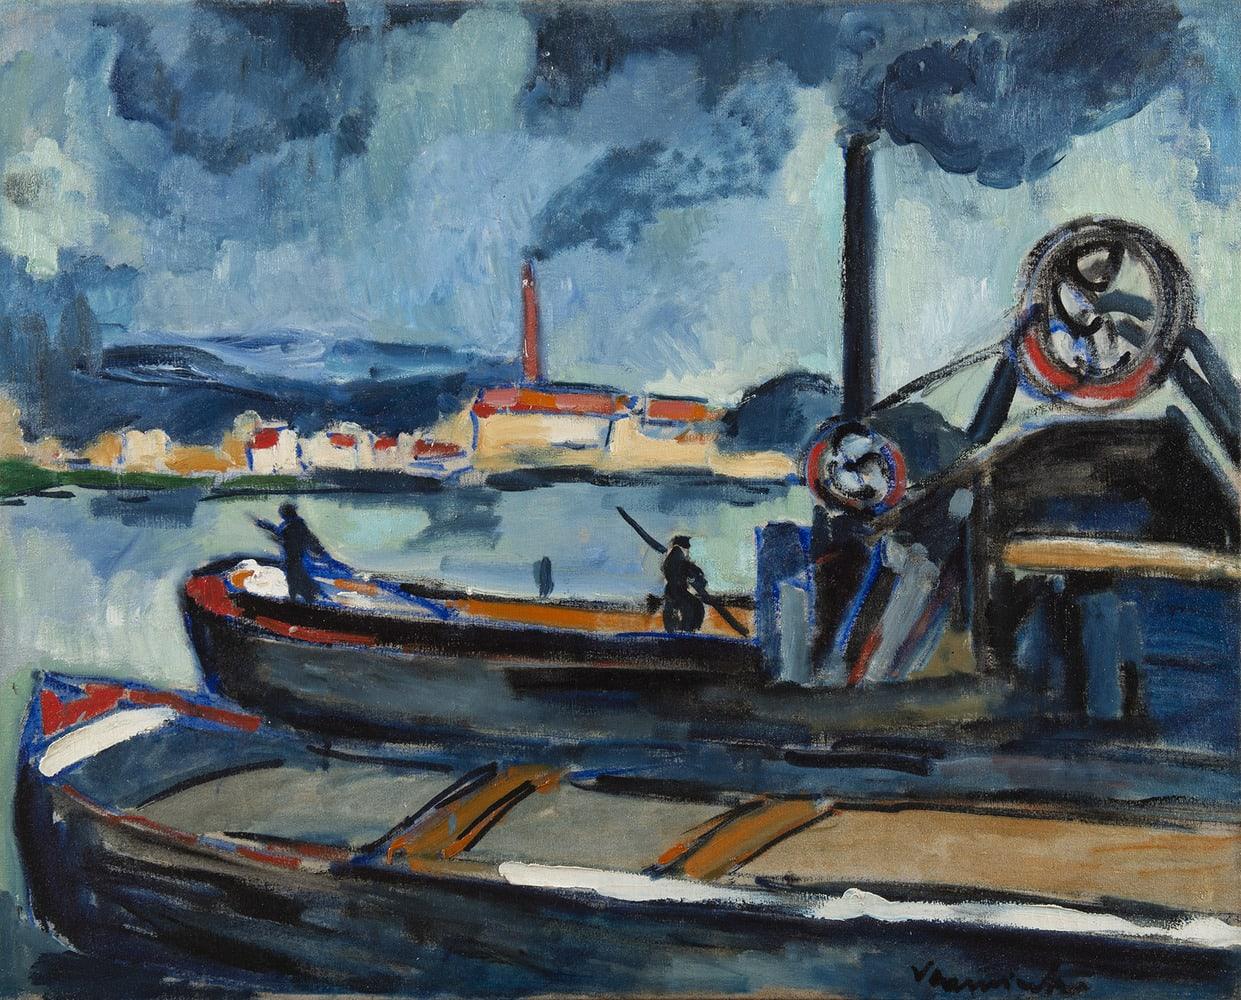 MAURICE DE VLAMINCK, La Seine à Chatou, 1907